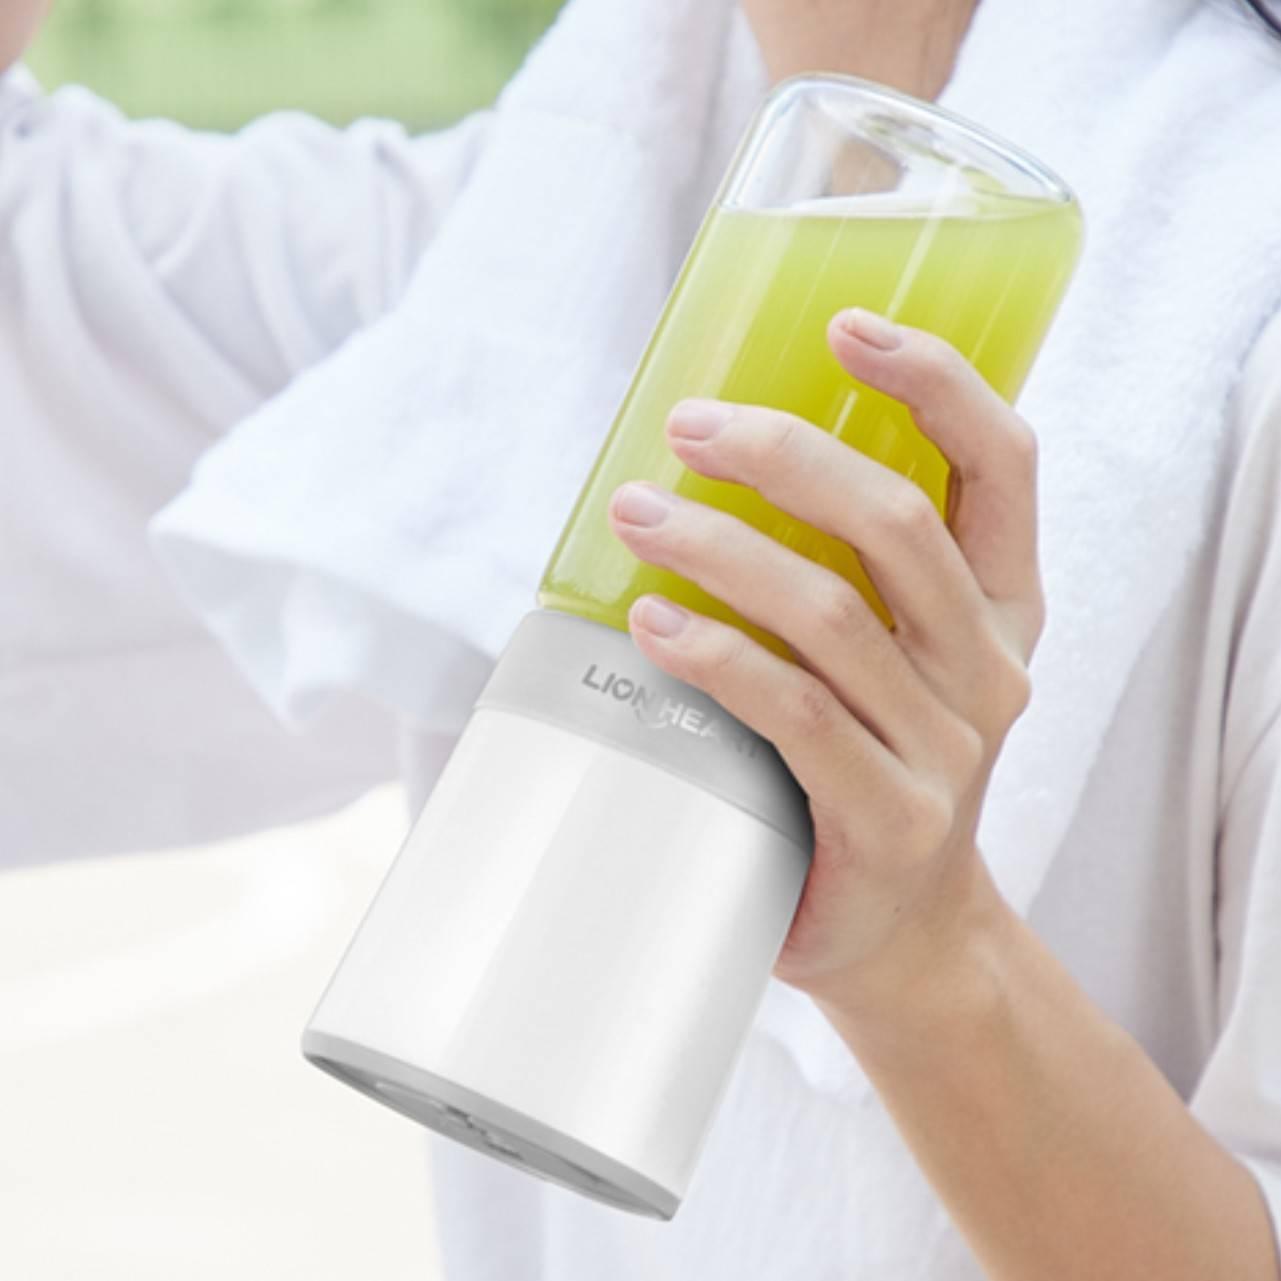 莱恩哈特榨汁机家用水果小型便携式榨汁杯迷你电动充电果汁机学生